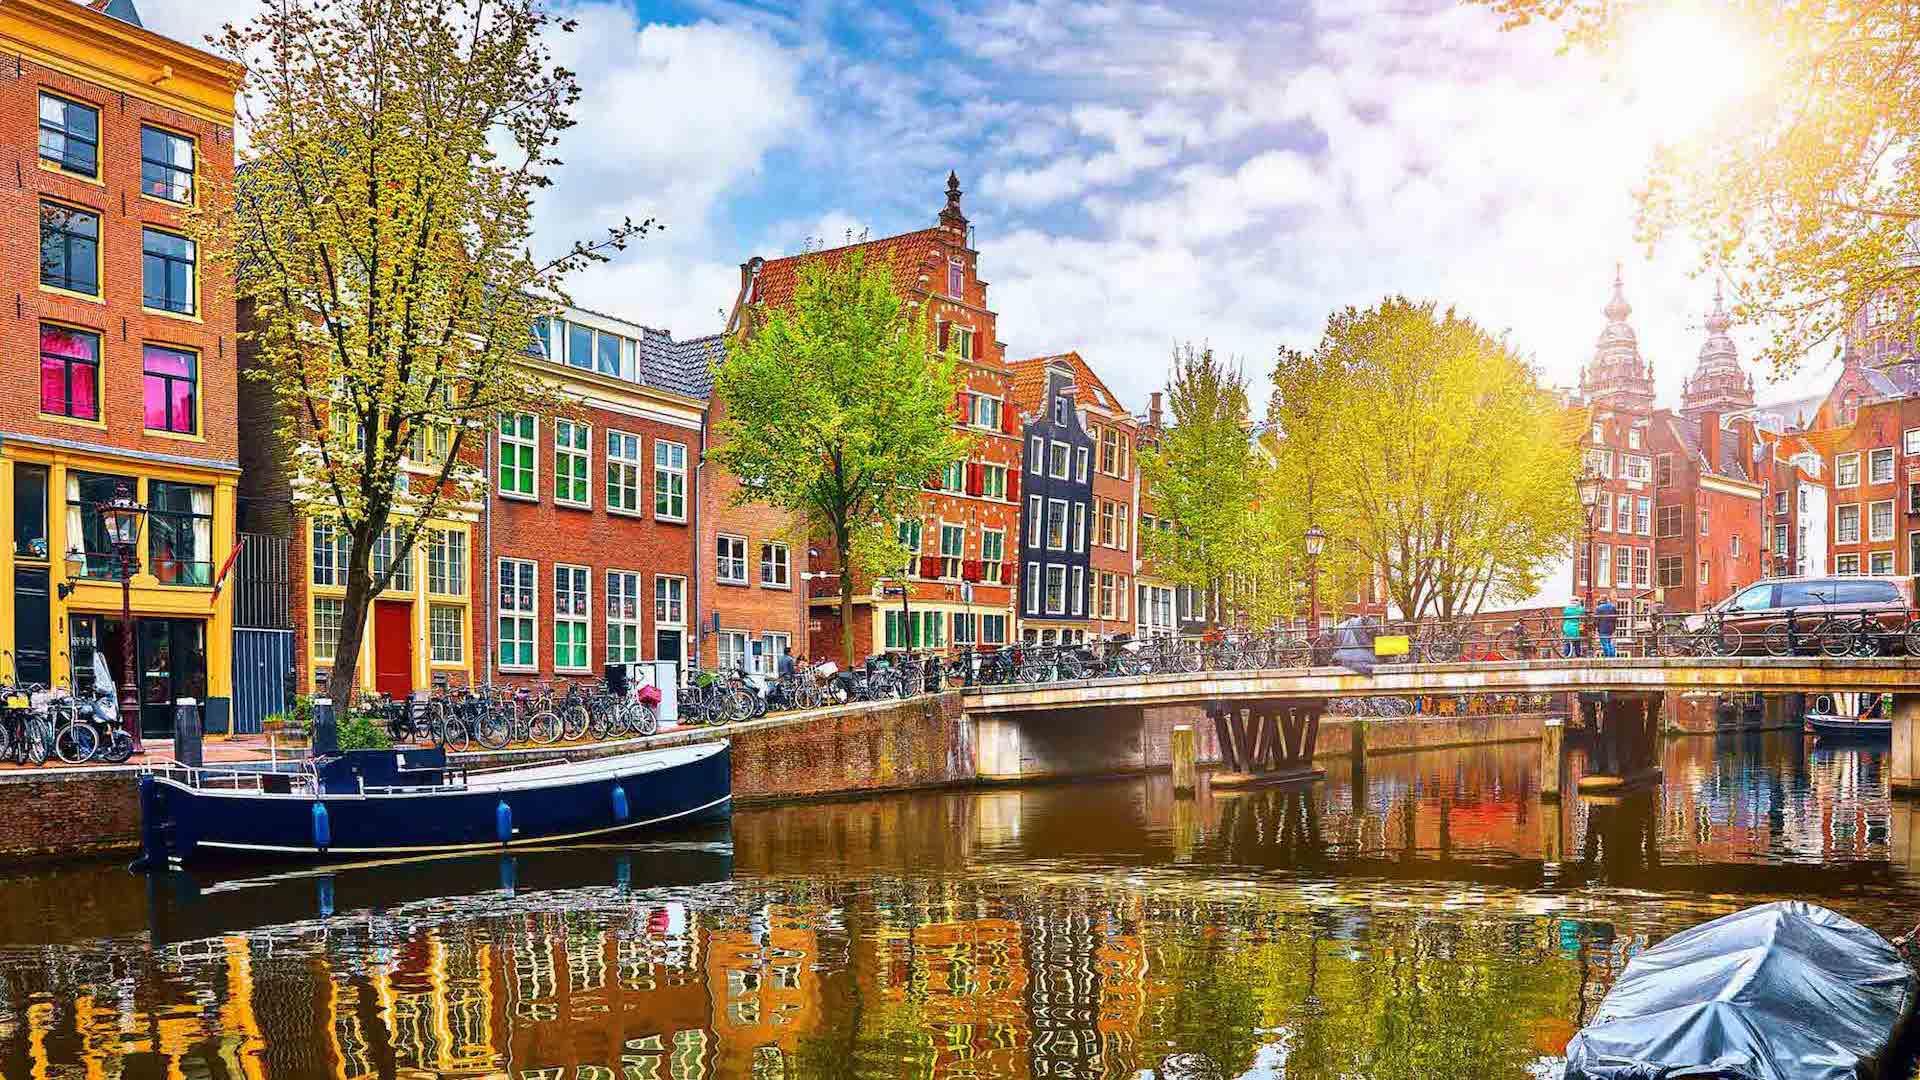 Viaggio di gruppo accessibile in carrozzina ad Amsterdam